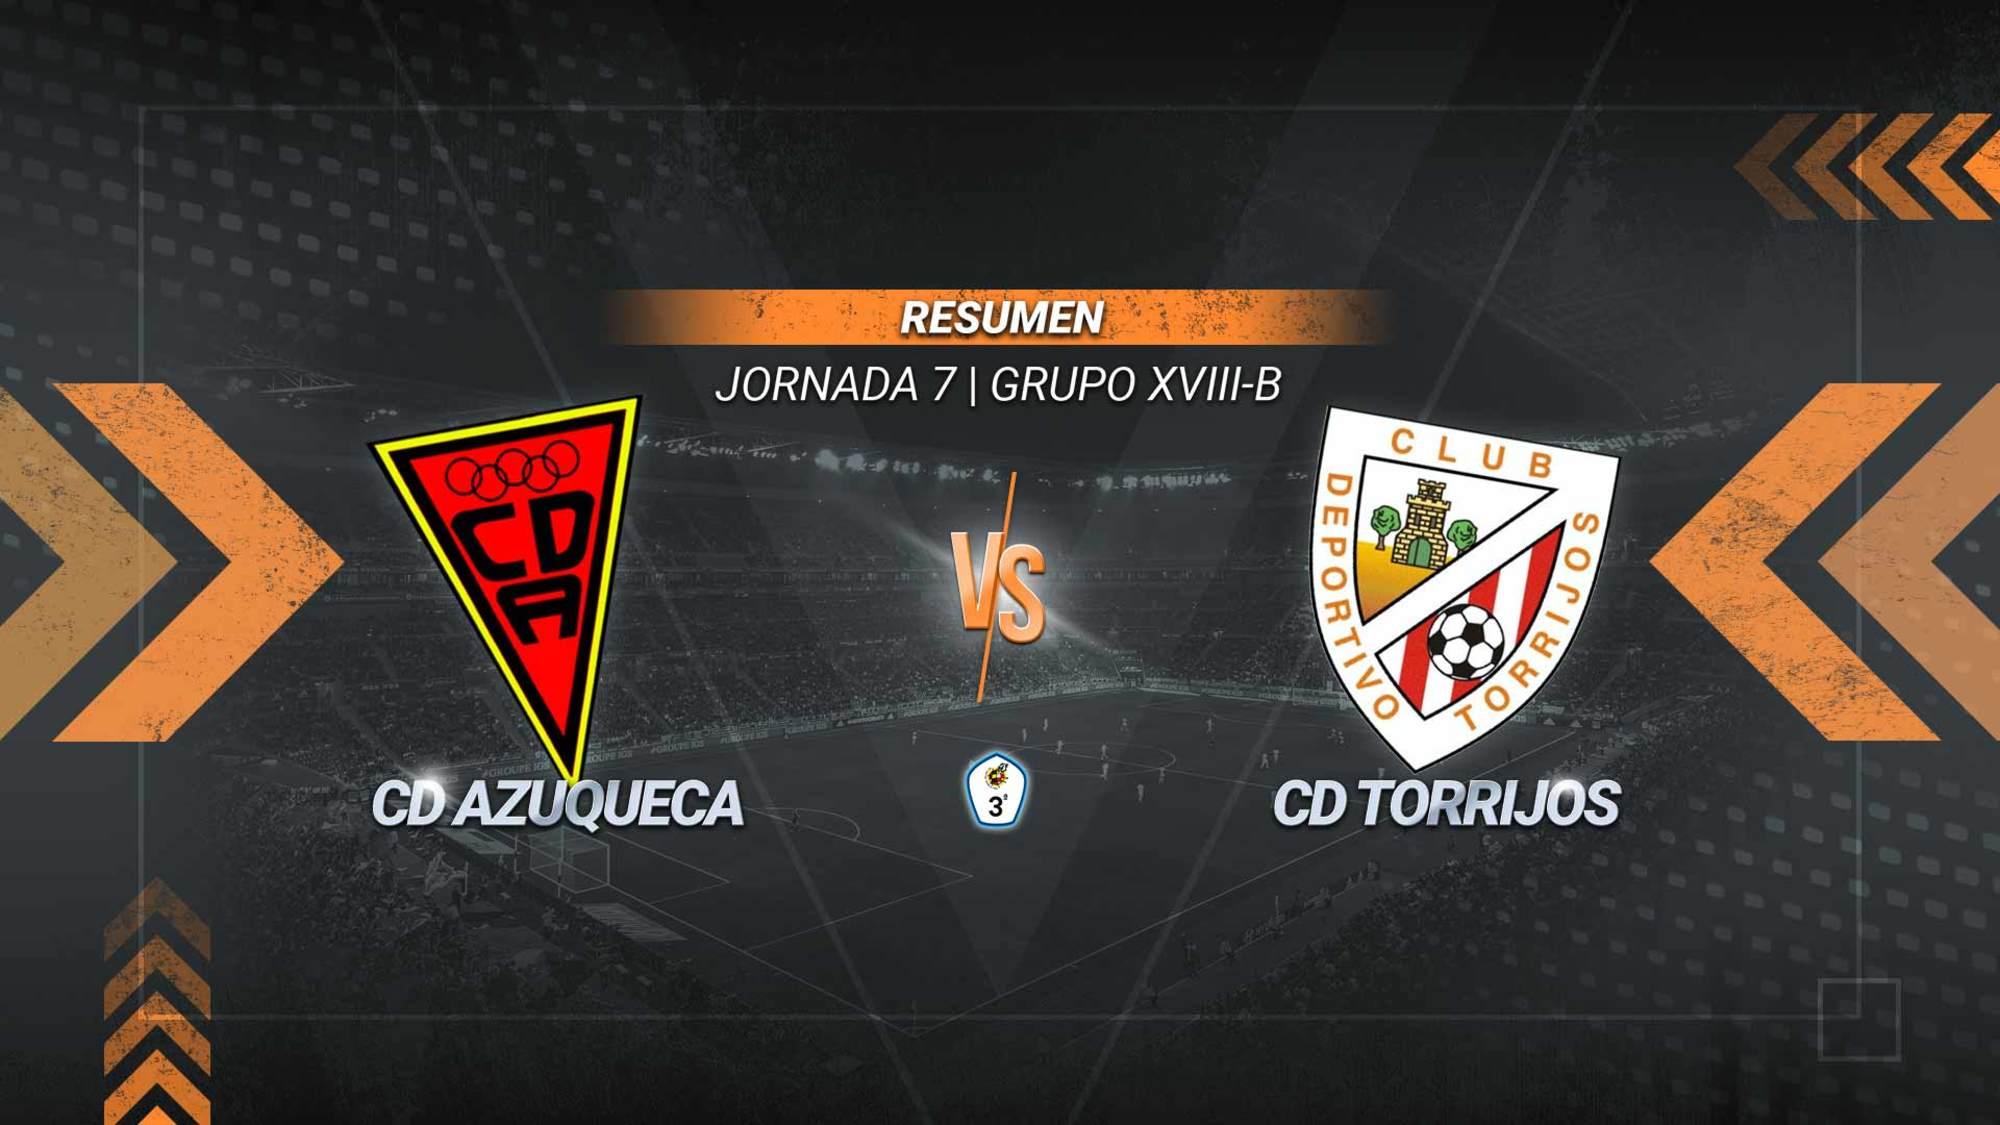 Azuqueca y Torrijos se reparten los puntos y los penaltis anotados. Se adelantaron los visitantes con un gol de Angelito desde los once metros y empataron los azudenses, también de pena máxima, con un tanto de Diego.